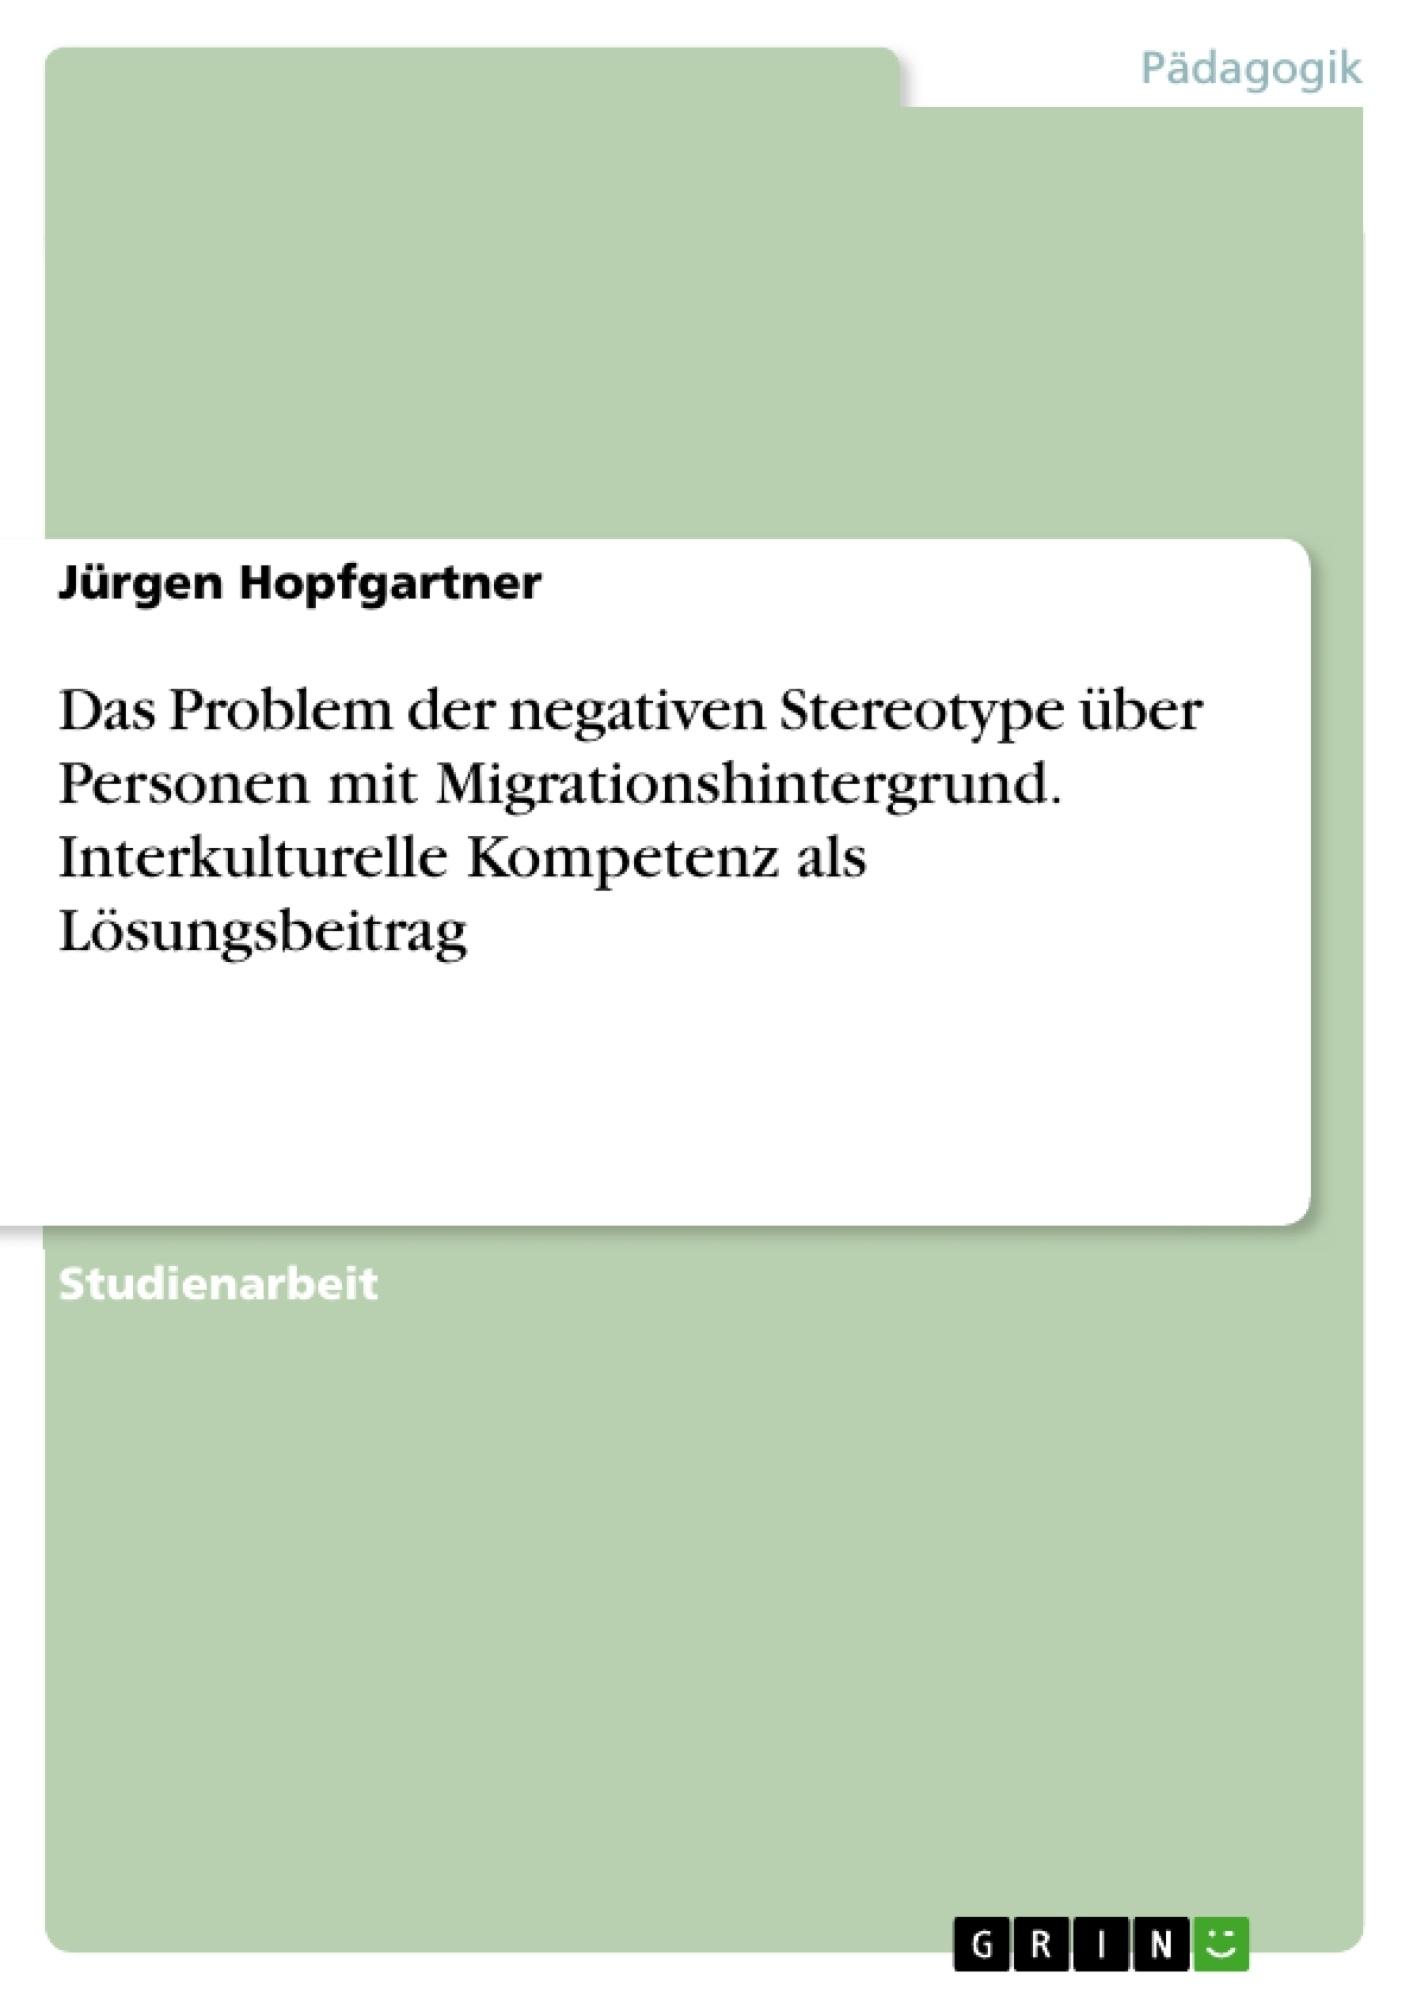 Titel: Das Problem der negativen Stereotype über Personen mit Migrationshintergrund. Interkulturelle Kompetenz als Lösungsbeitrag